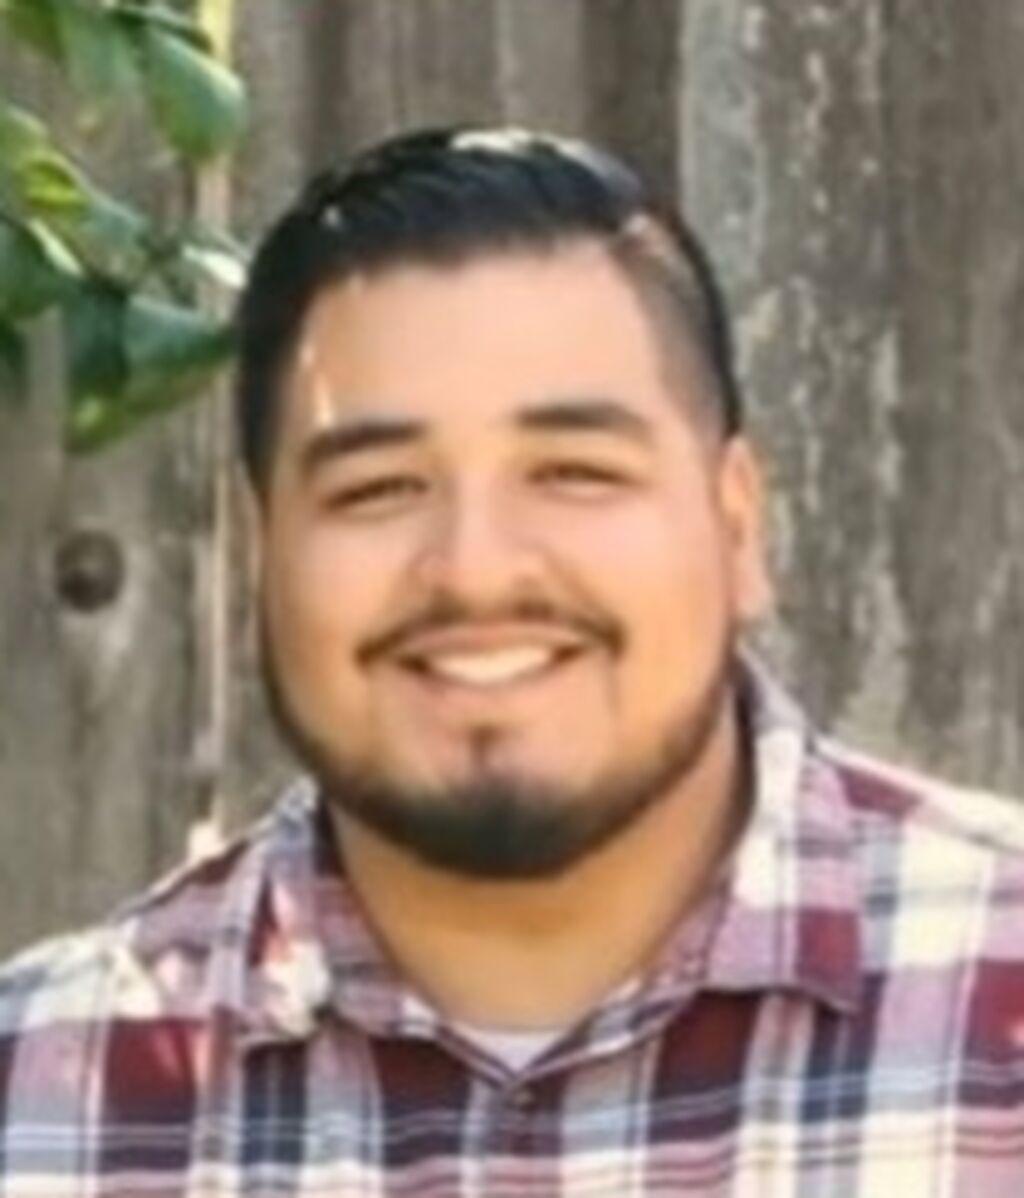 Adrian Balleza, de 29 años, estaba casado y tenía un hijo pequeño